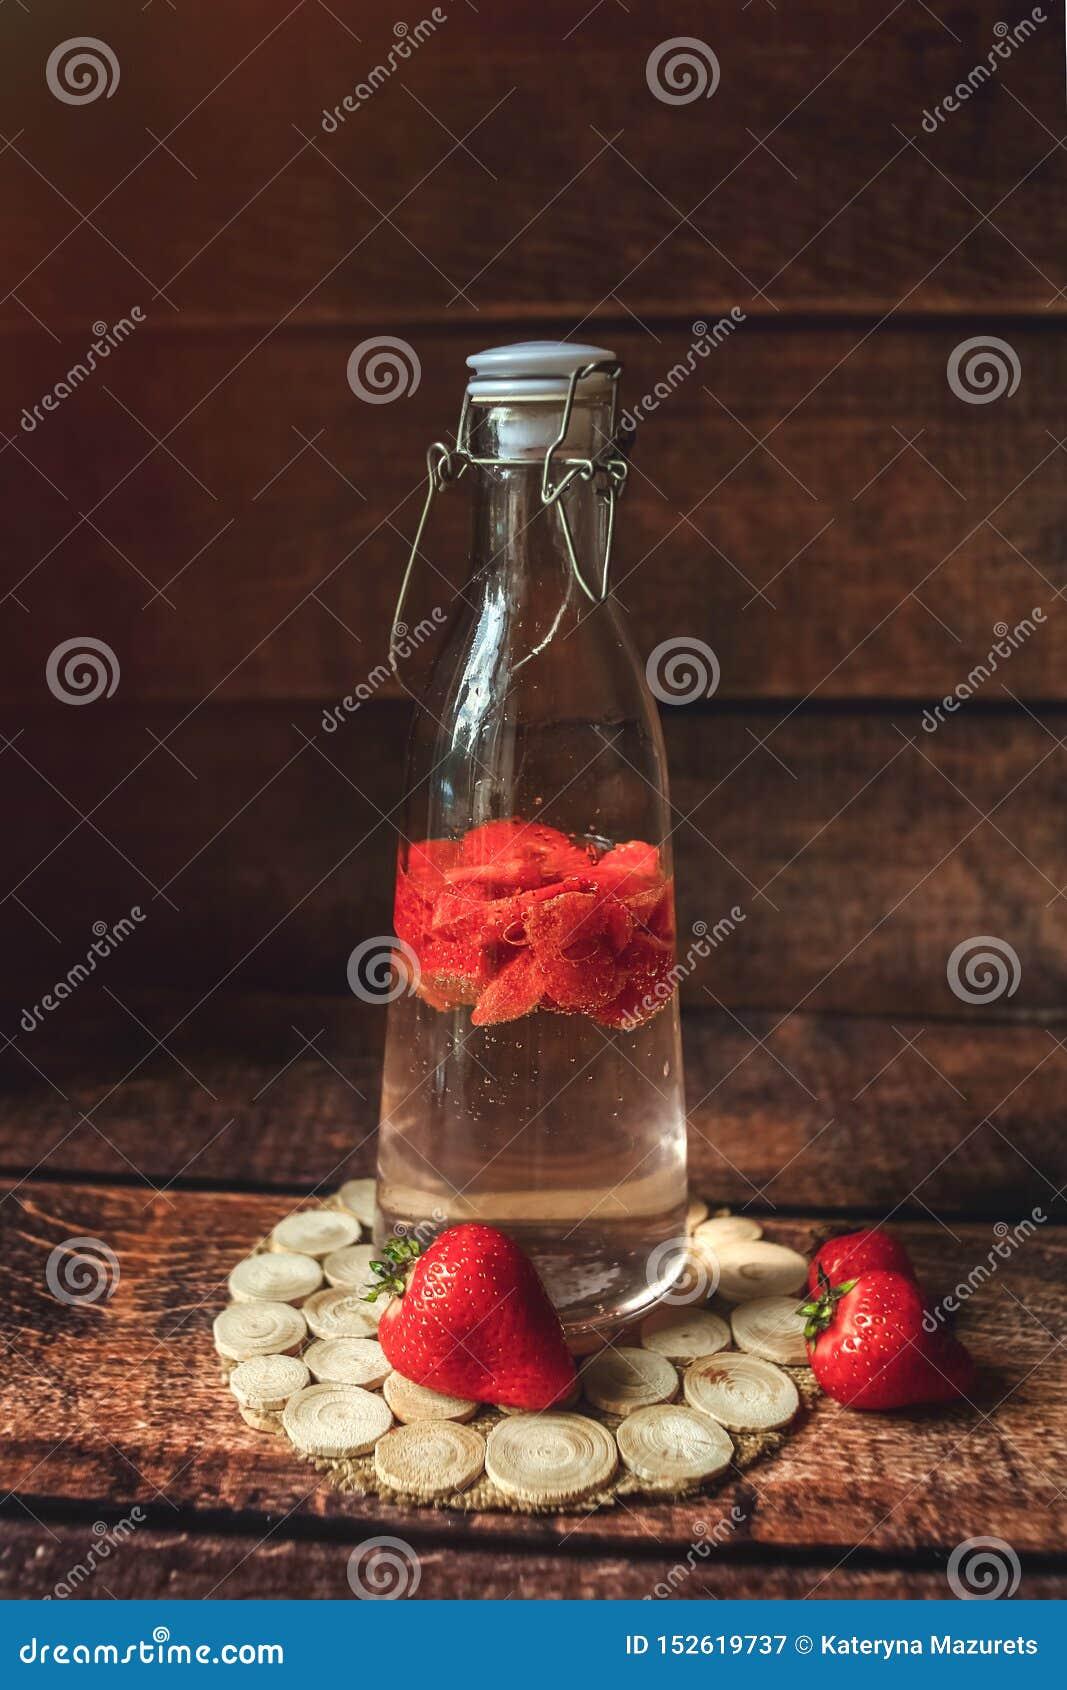 Verse Aardbei in fles met water, limonade, vitaminedrank, gestemde ecodeco,